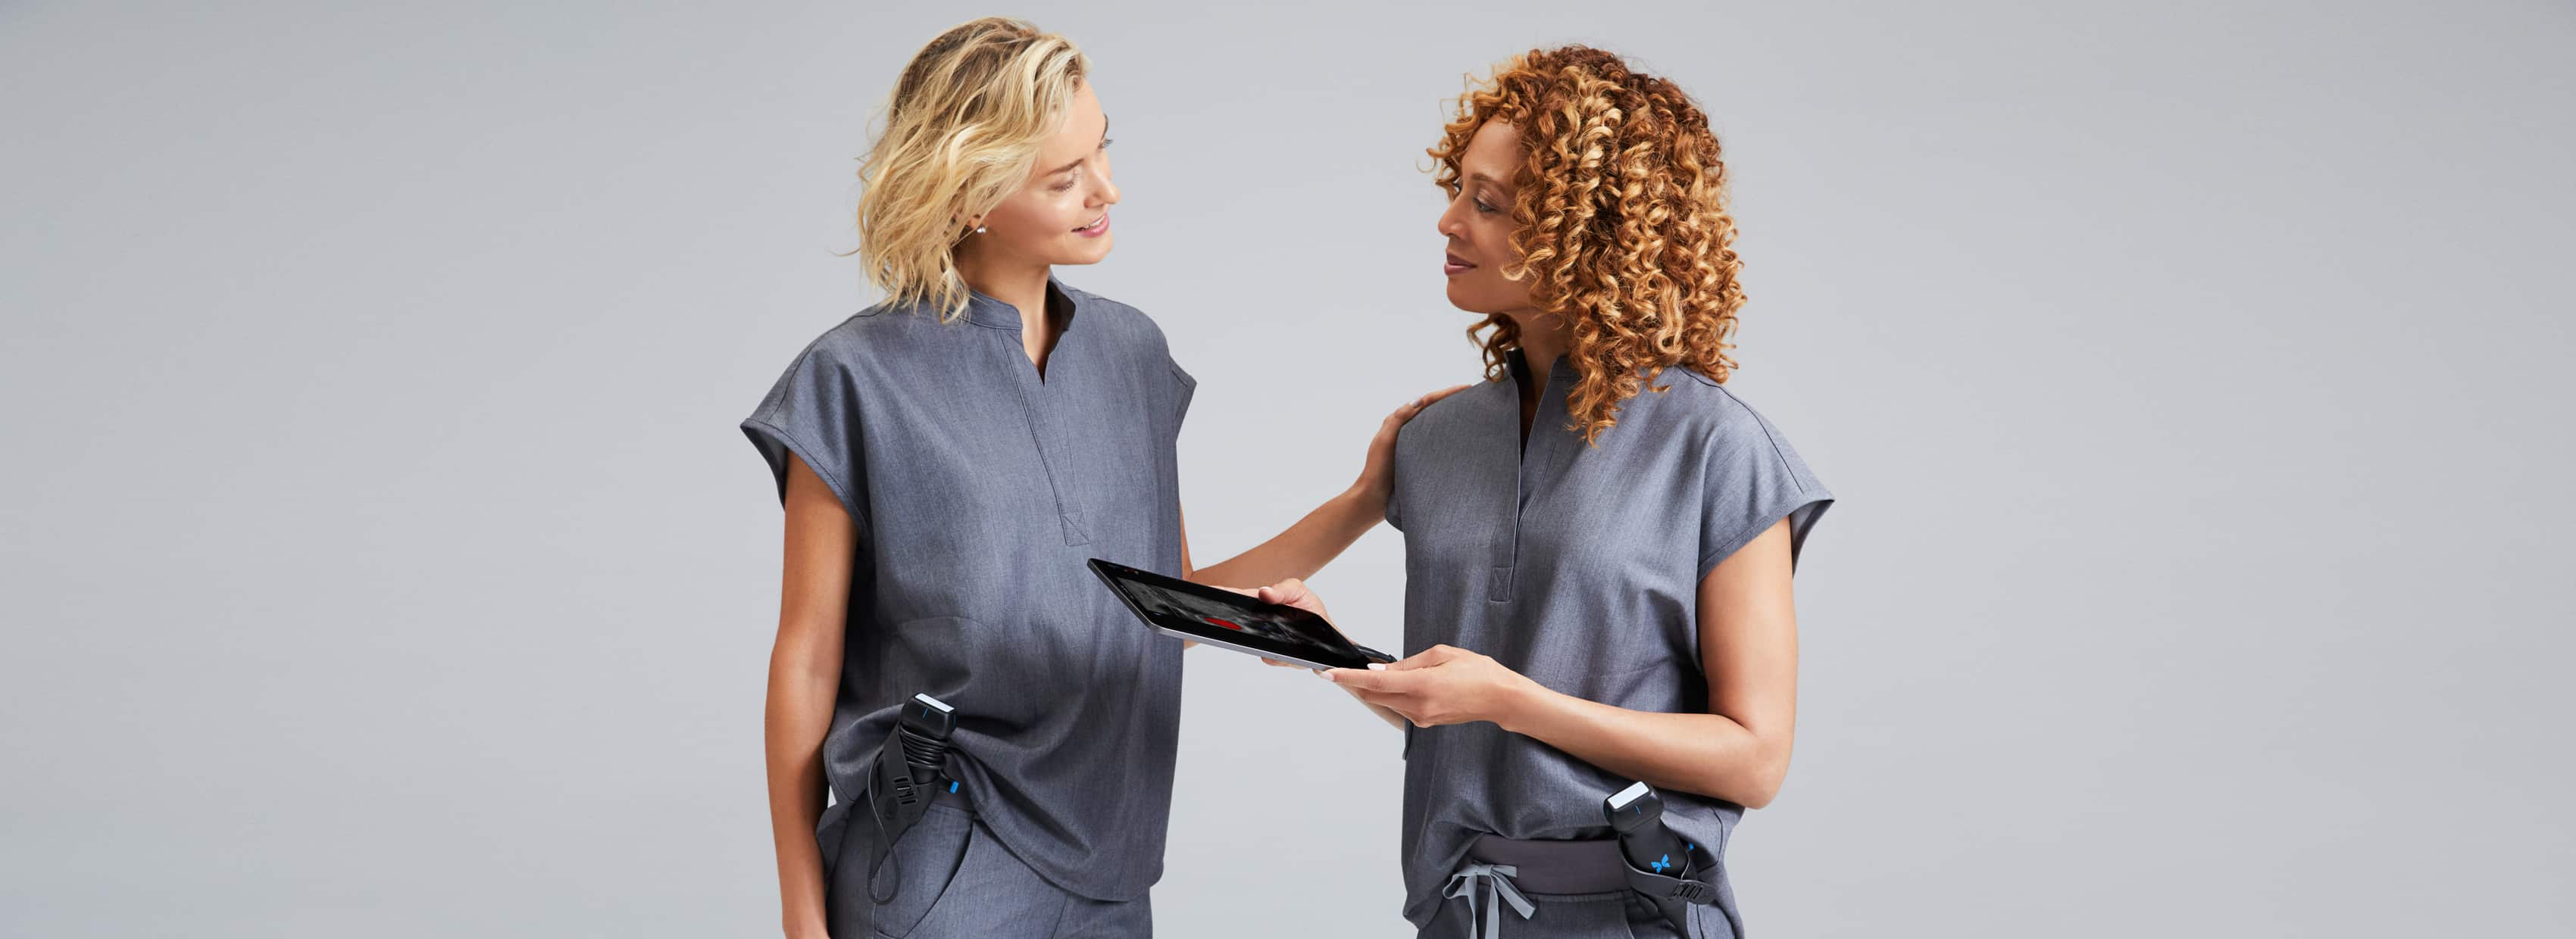 Dos doctoras hablando entre ellas.